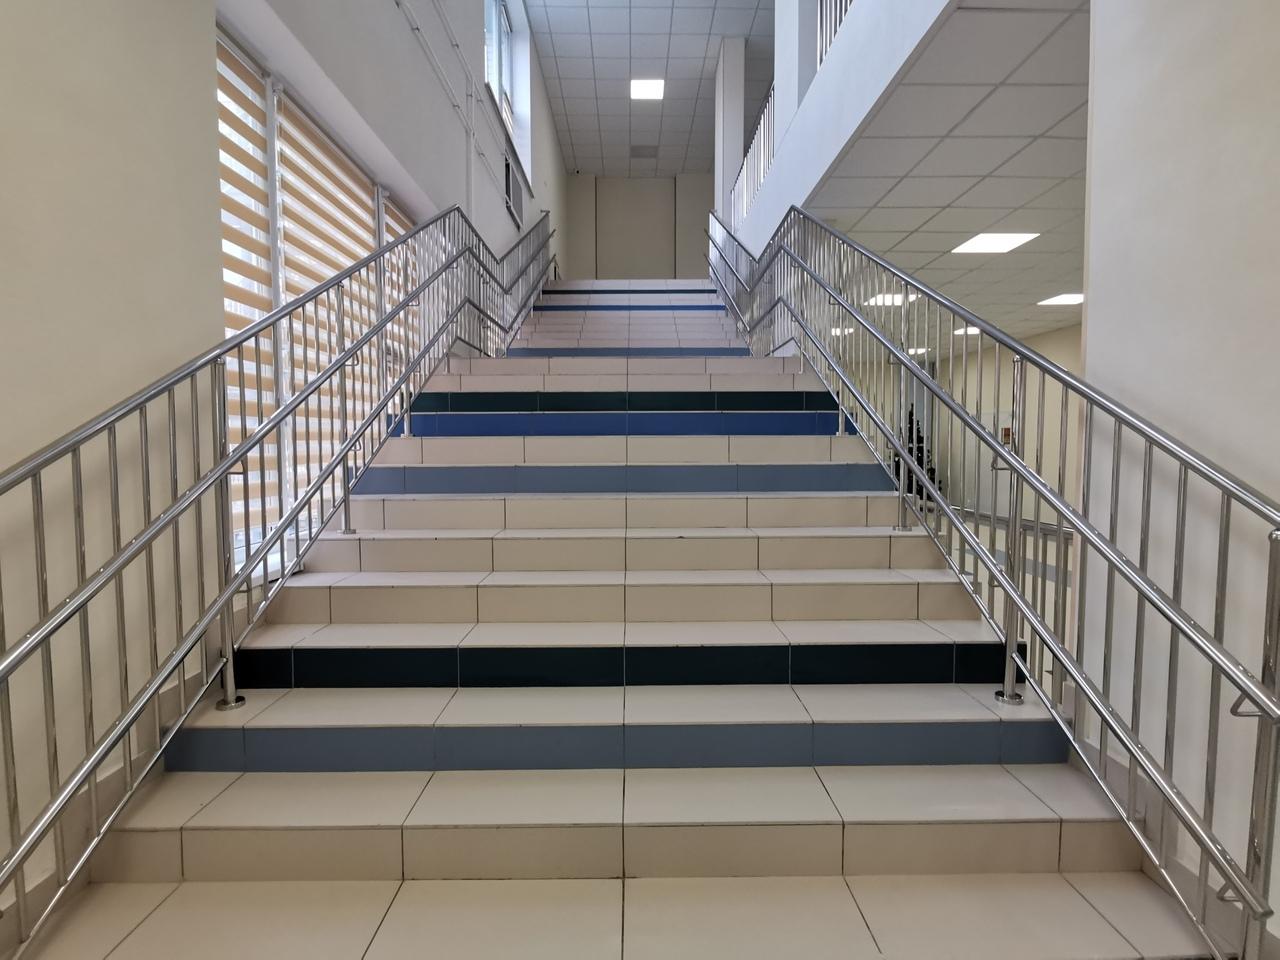 Началось строительство новой школы в микрорайоне «Радужный» в Твери